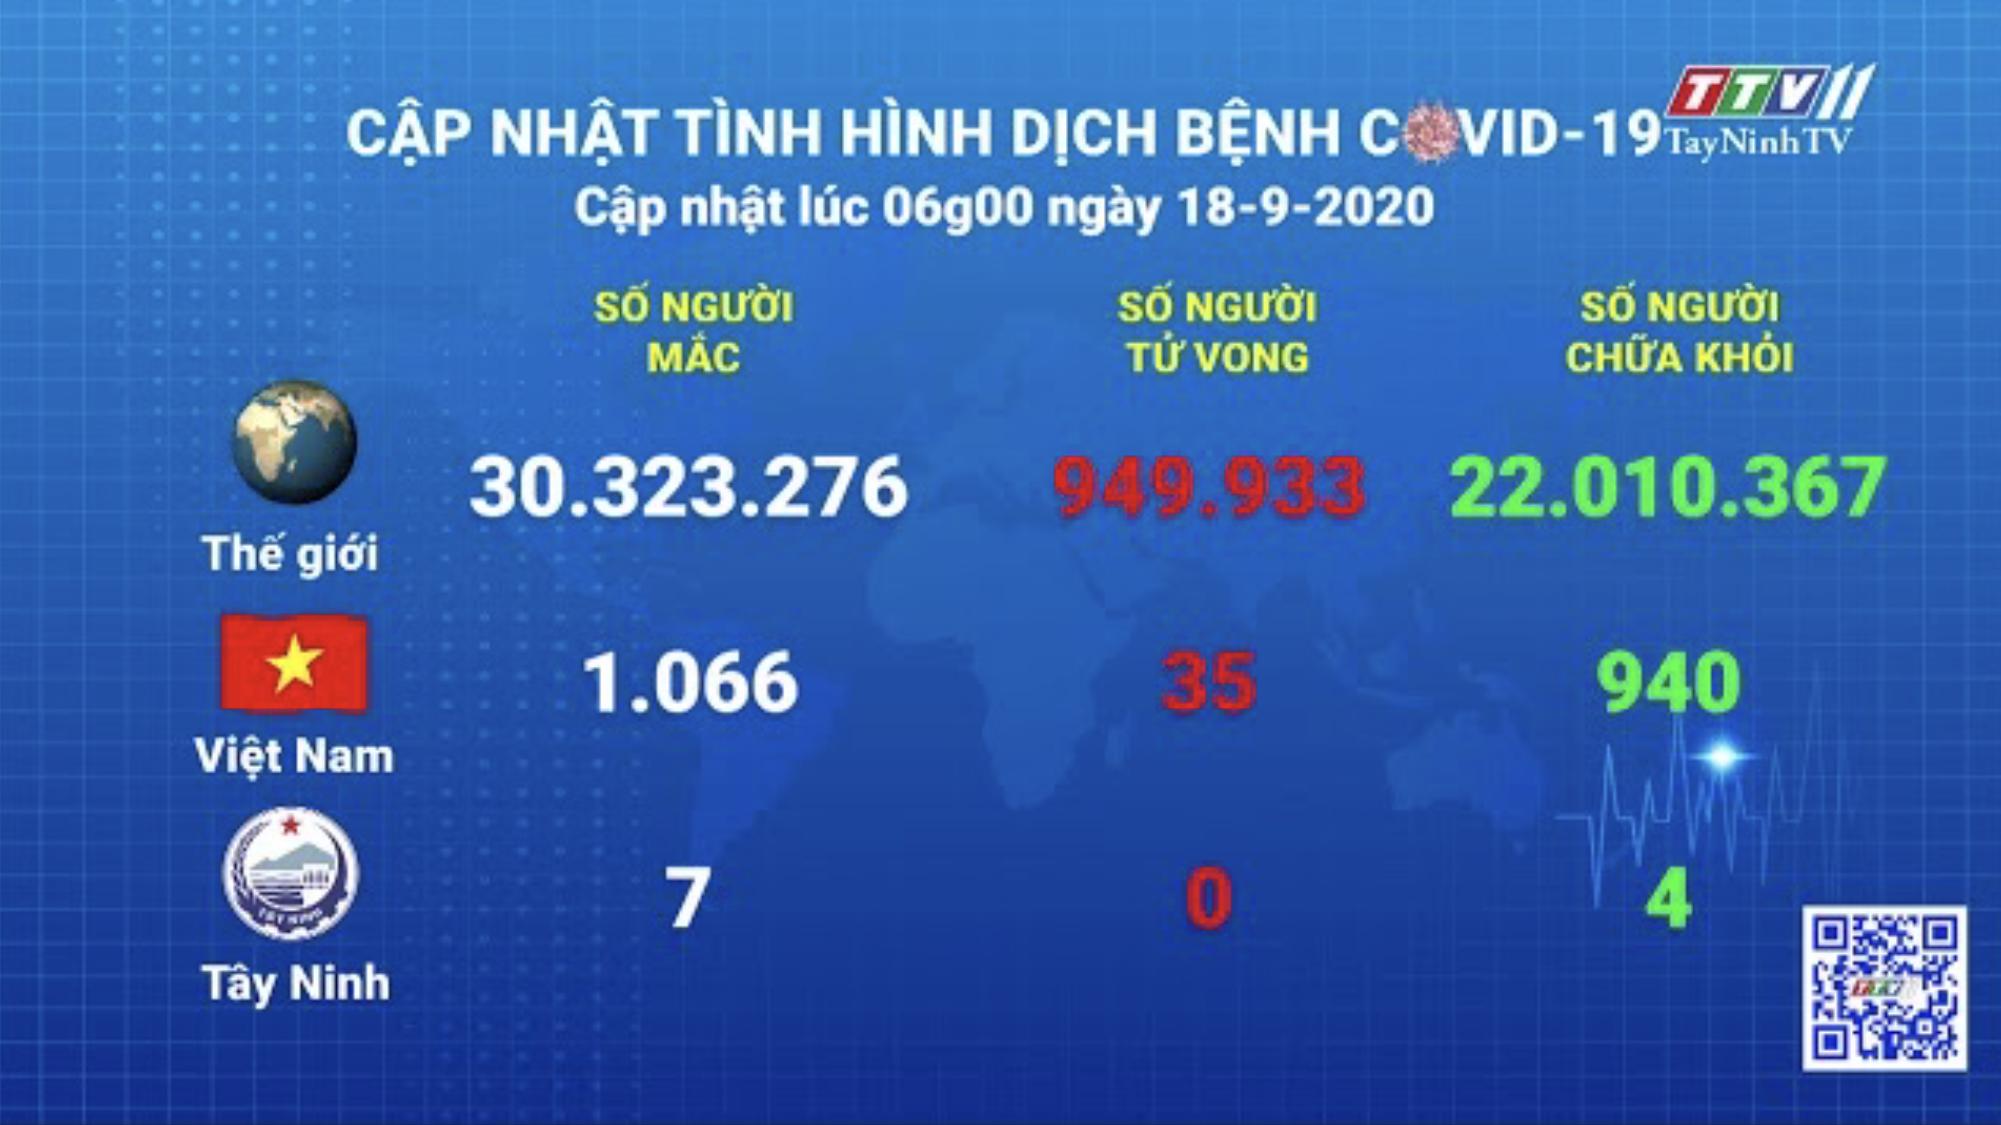 Cập nhật tình hình Covid-19 vào lúc 06 giờ 18-9-2020 | Thông tin dịch Covid-19 | TayNinhTV